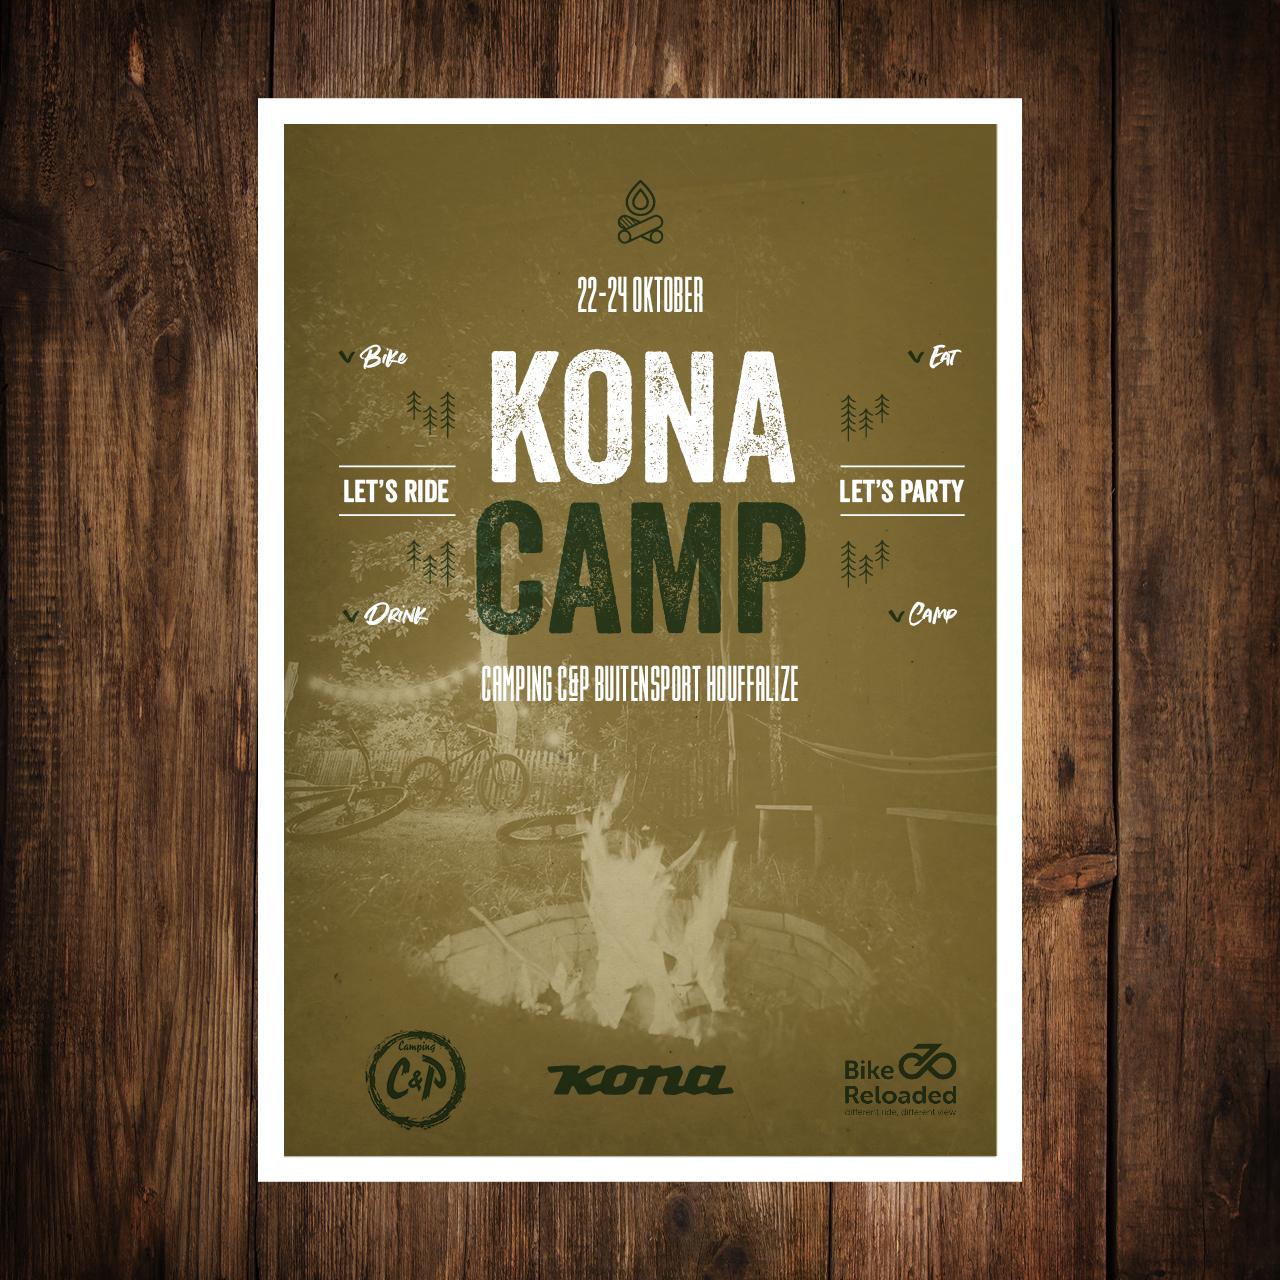 Kona Camp Houffalize